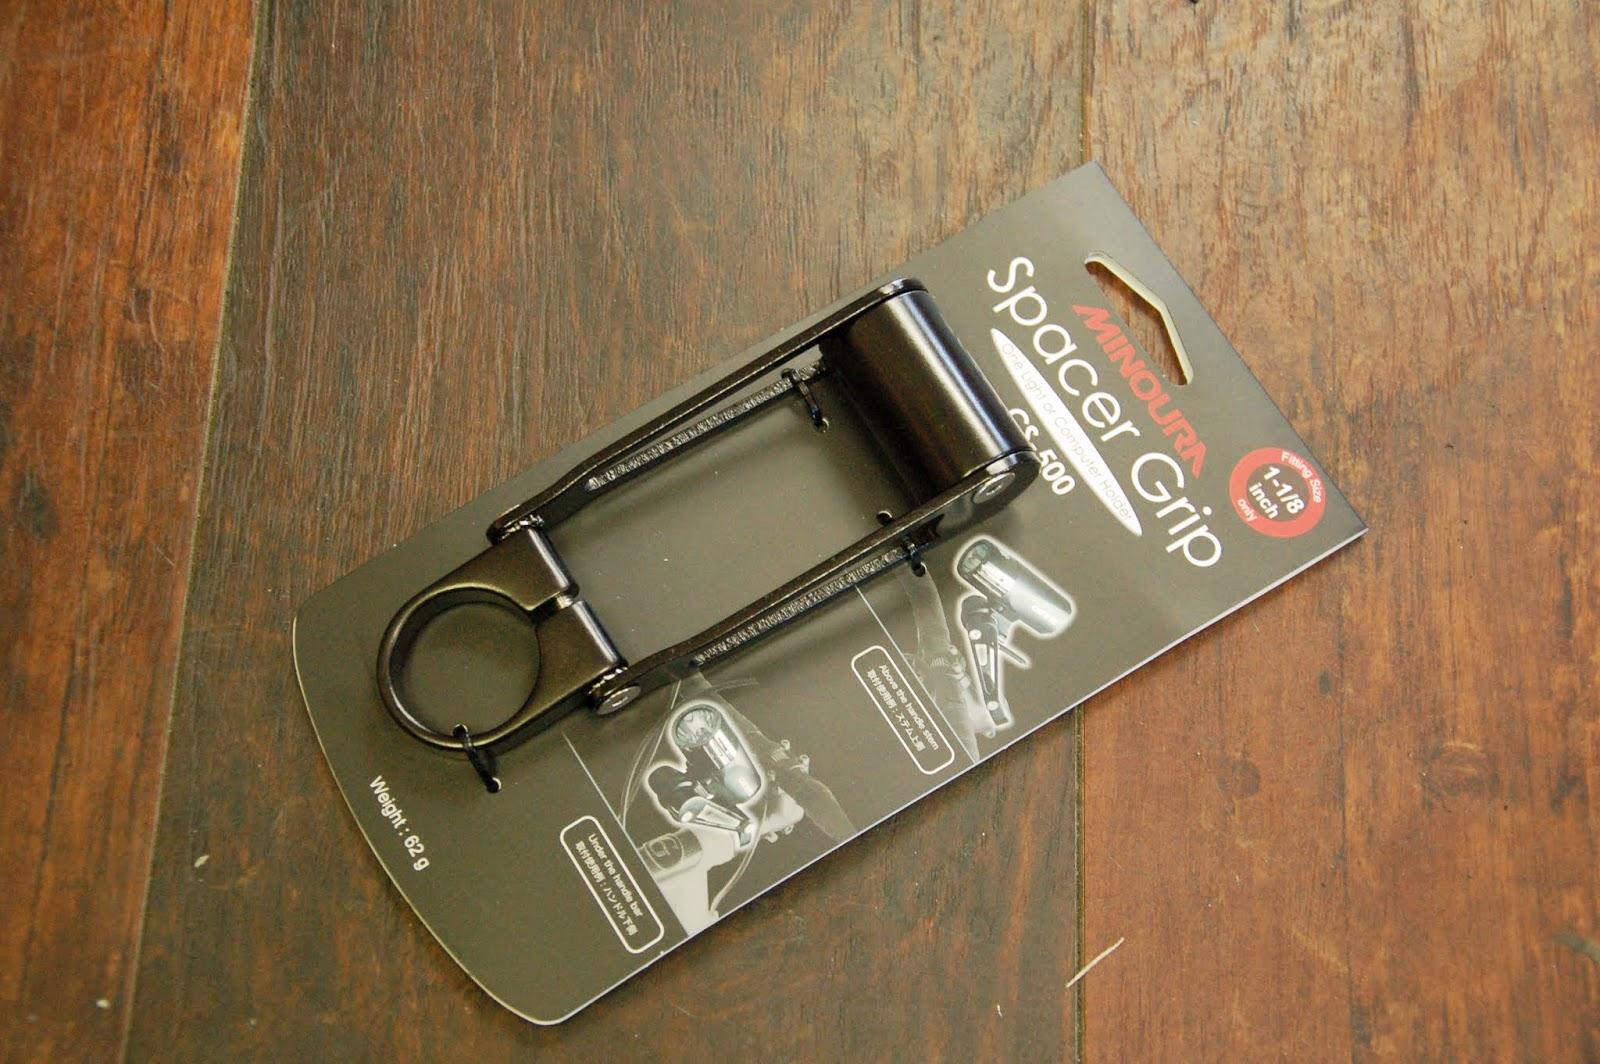 自転車の 自転車 ハンドル 交換 六角レンチ : パッケージはこんな感じでした ...